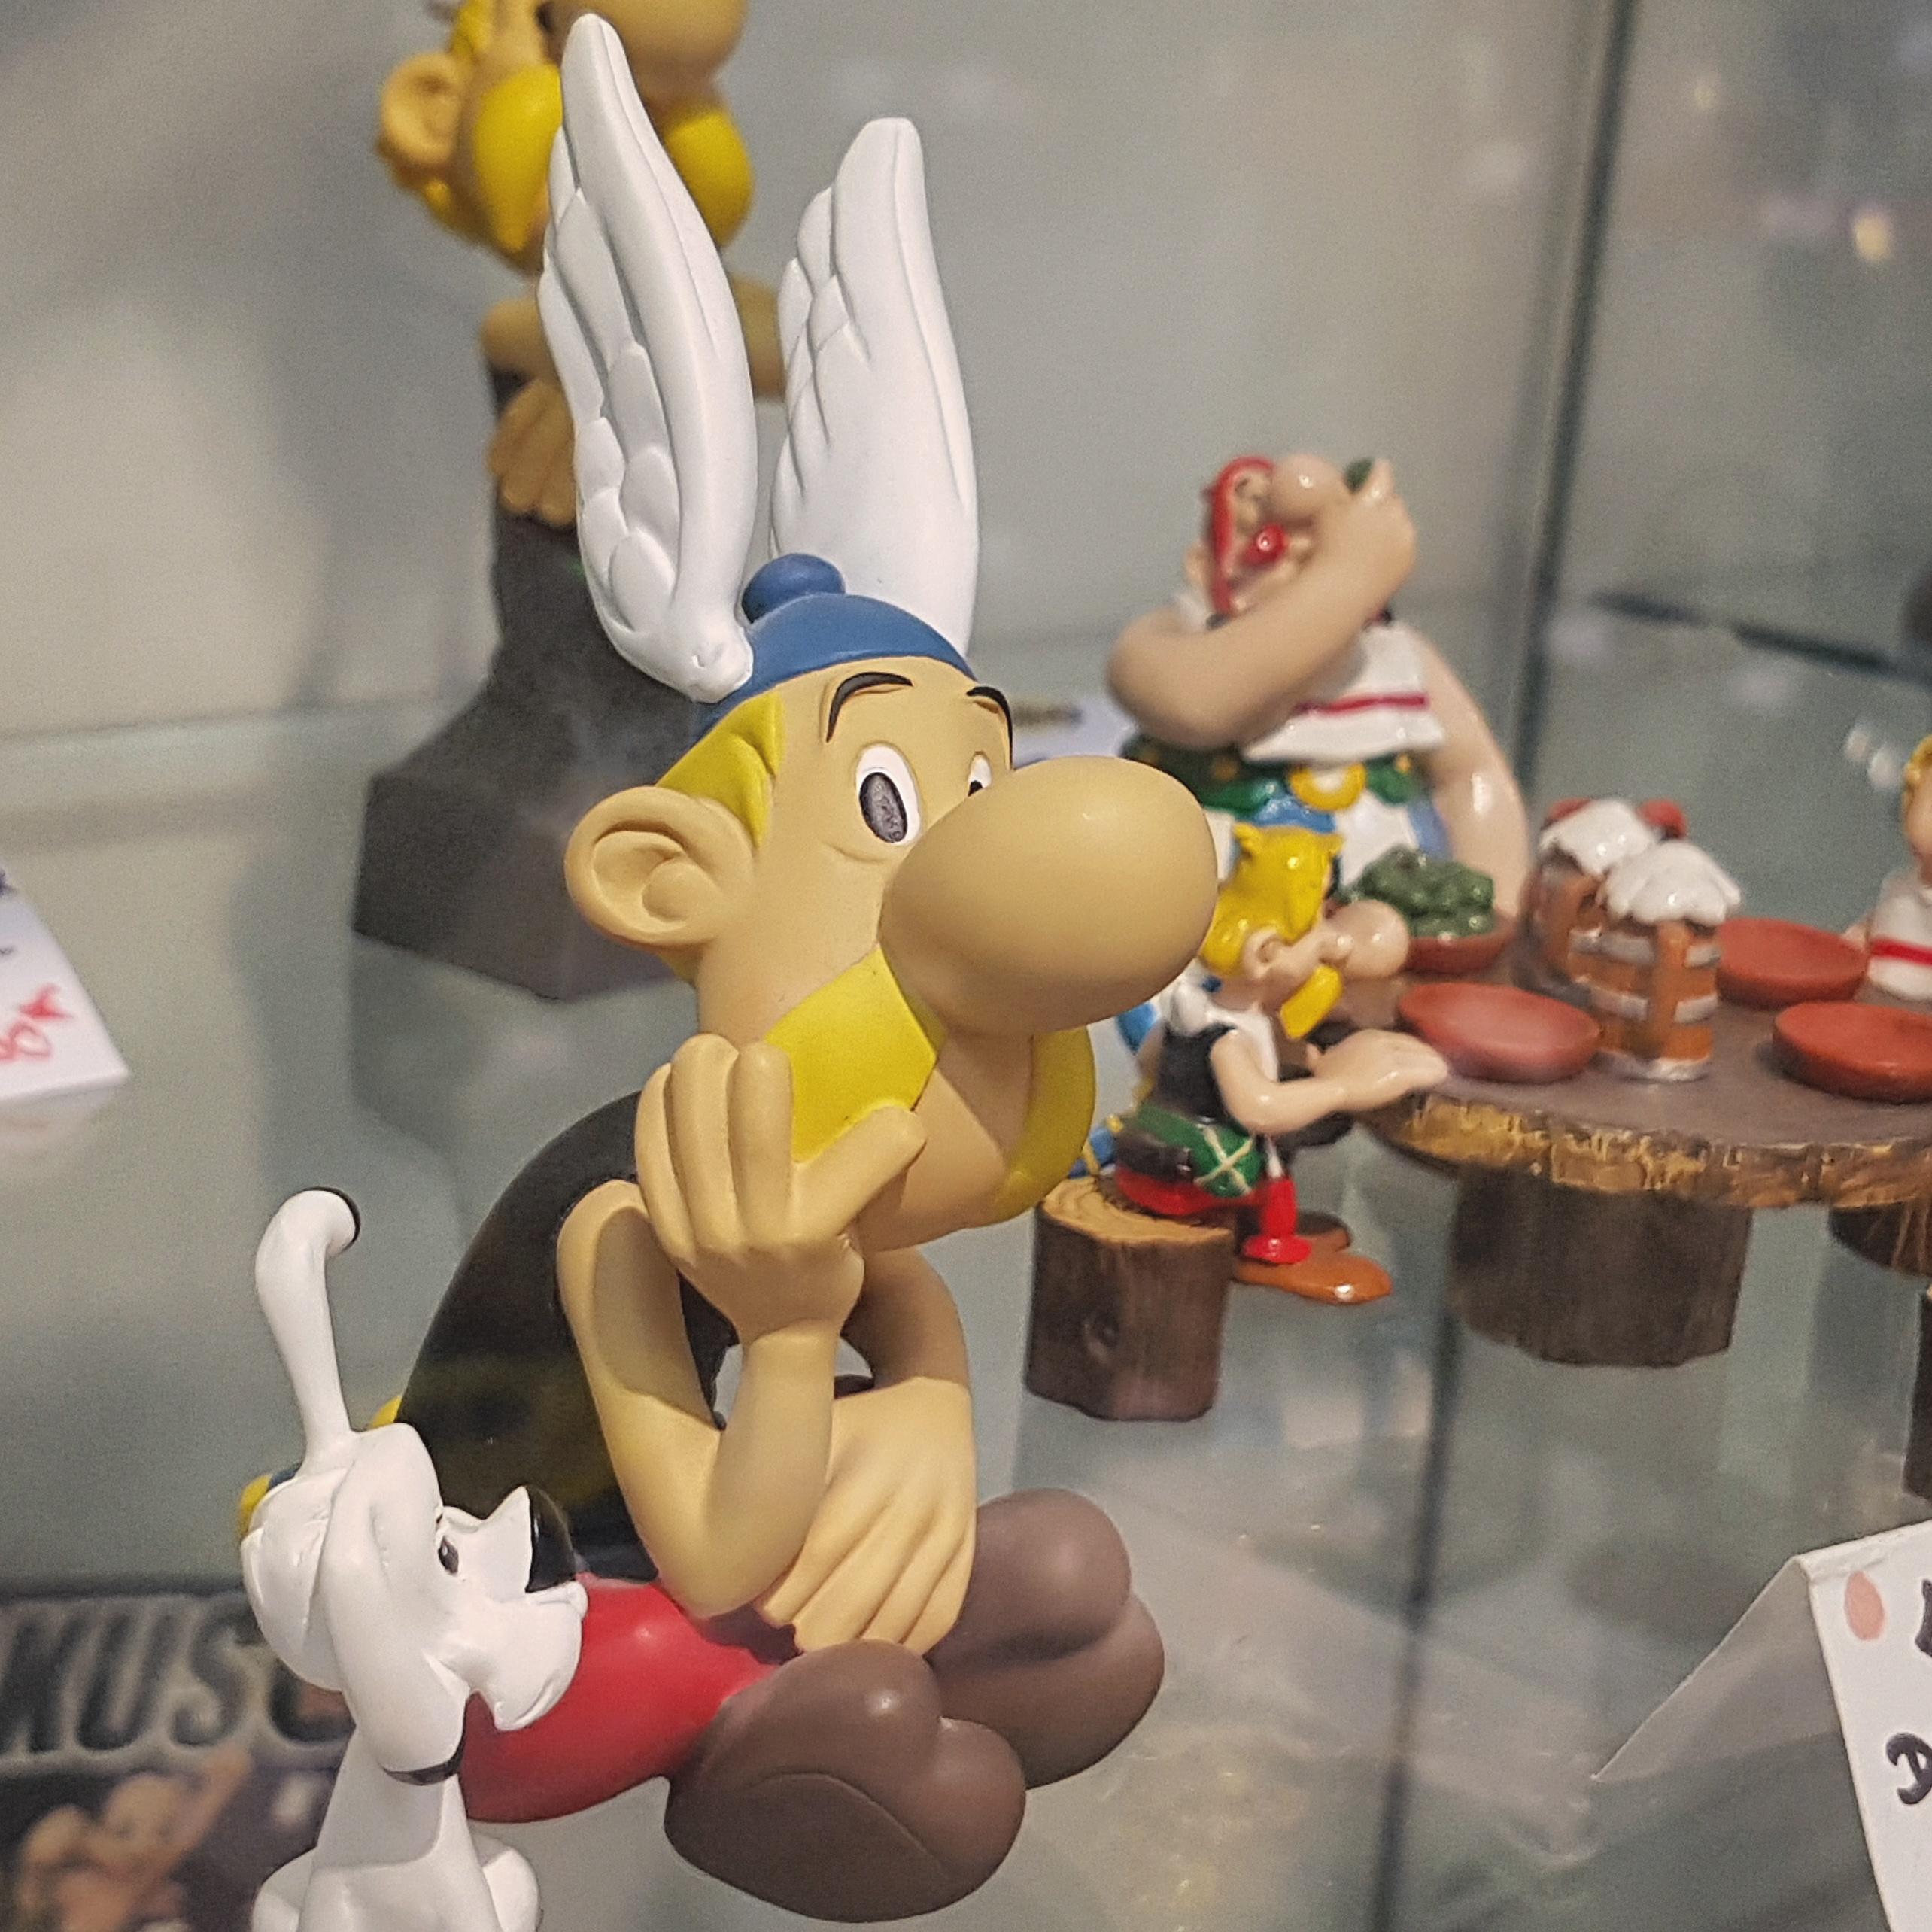 Astérix et Obélix figurines